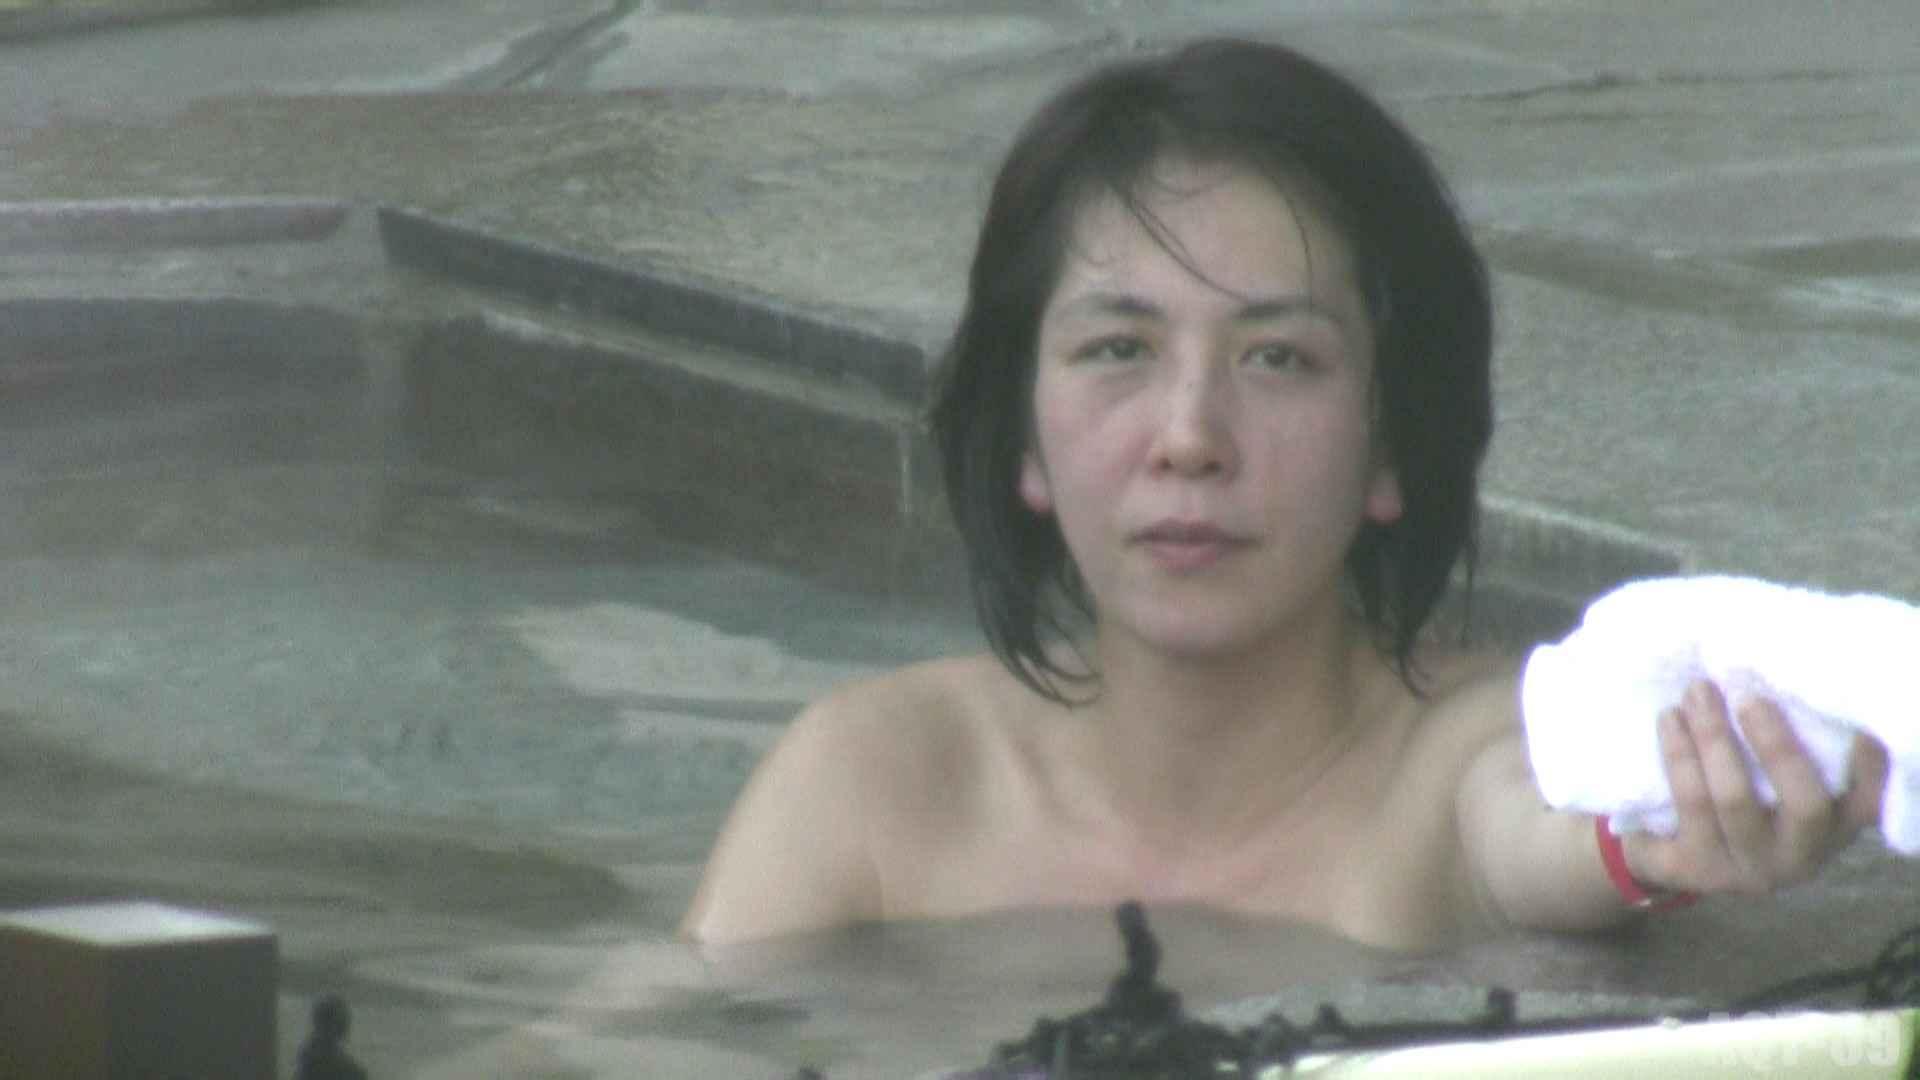 Aquaな露天風呂Vol.788 露天   OLエロ画像  48PICs 16